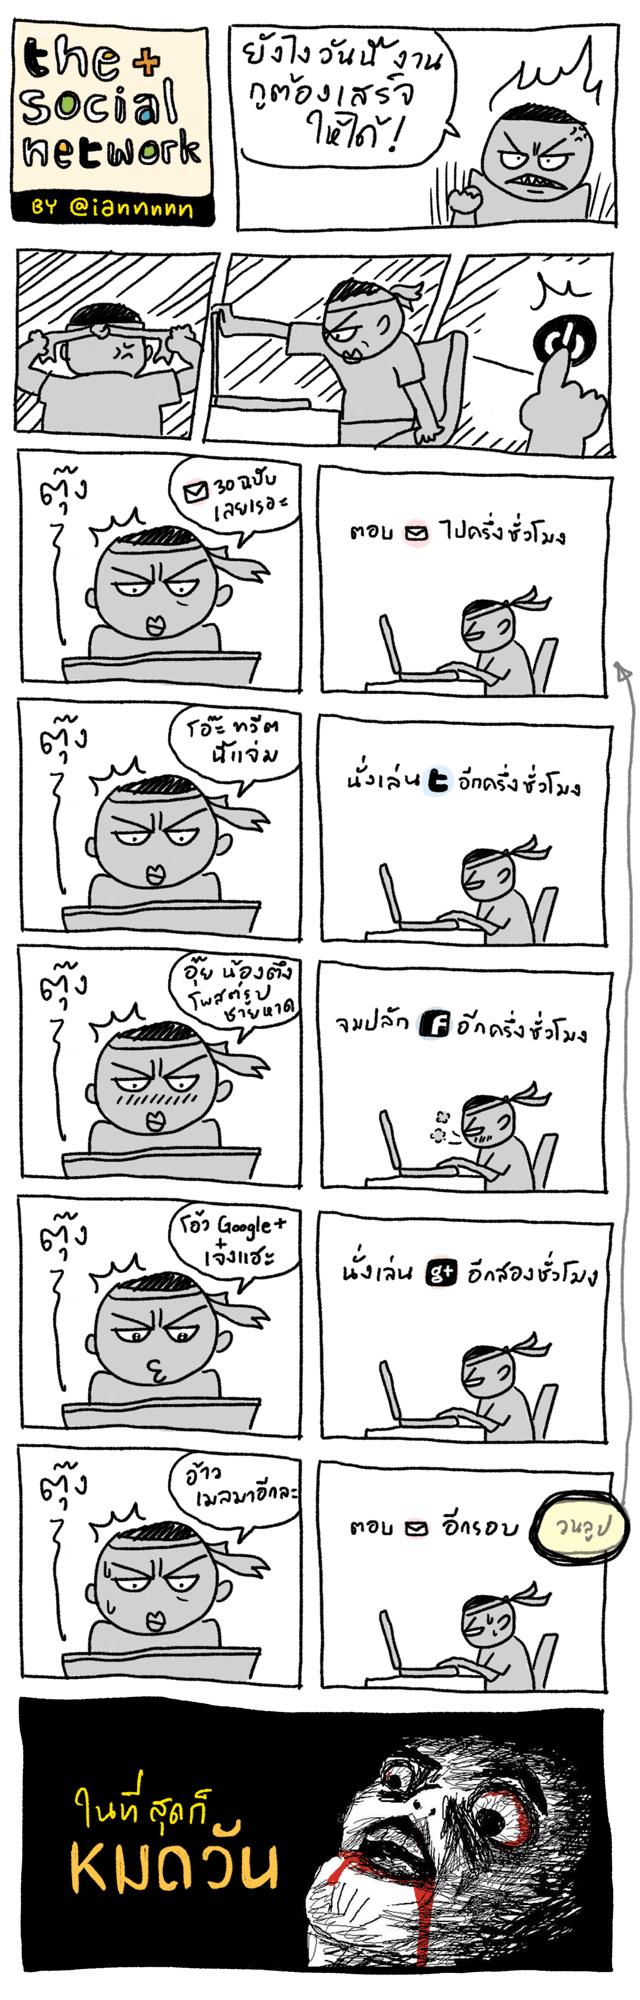 the social network by @iannnnn